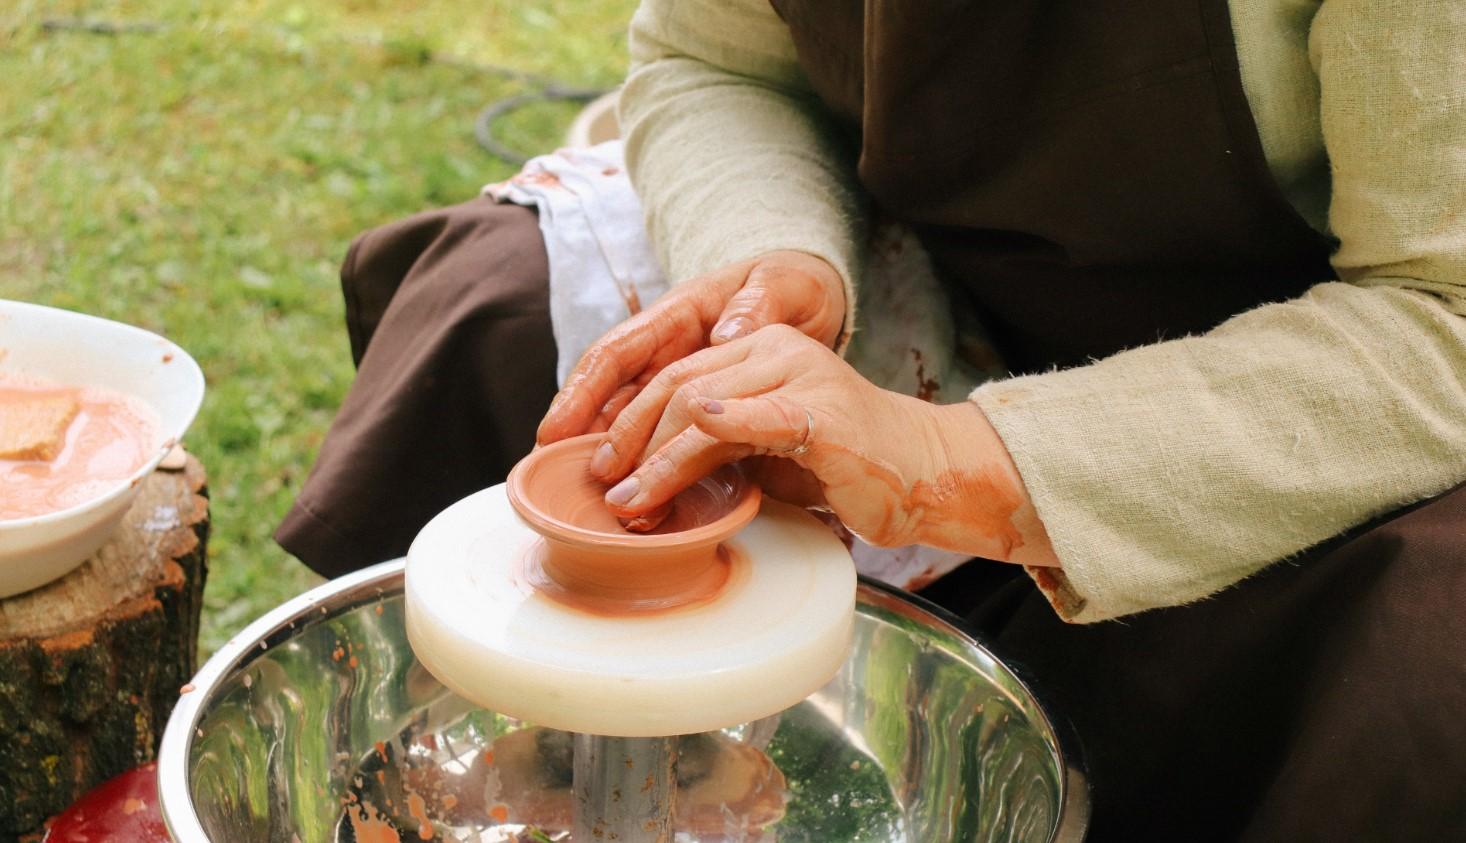 Протягом дня на території палацу майстри навчали унікальних технік, притаманних жителям Боржавської долини, це вже друга серія подібних заходів в рамках проєкту Dovhe Castrum Art.